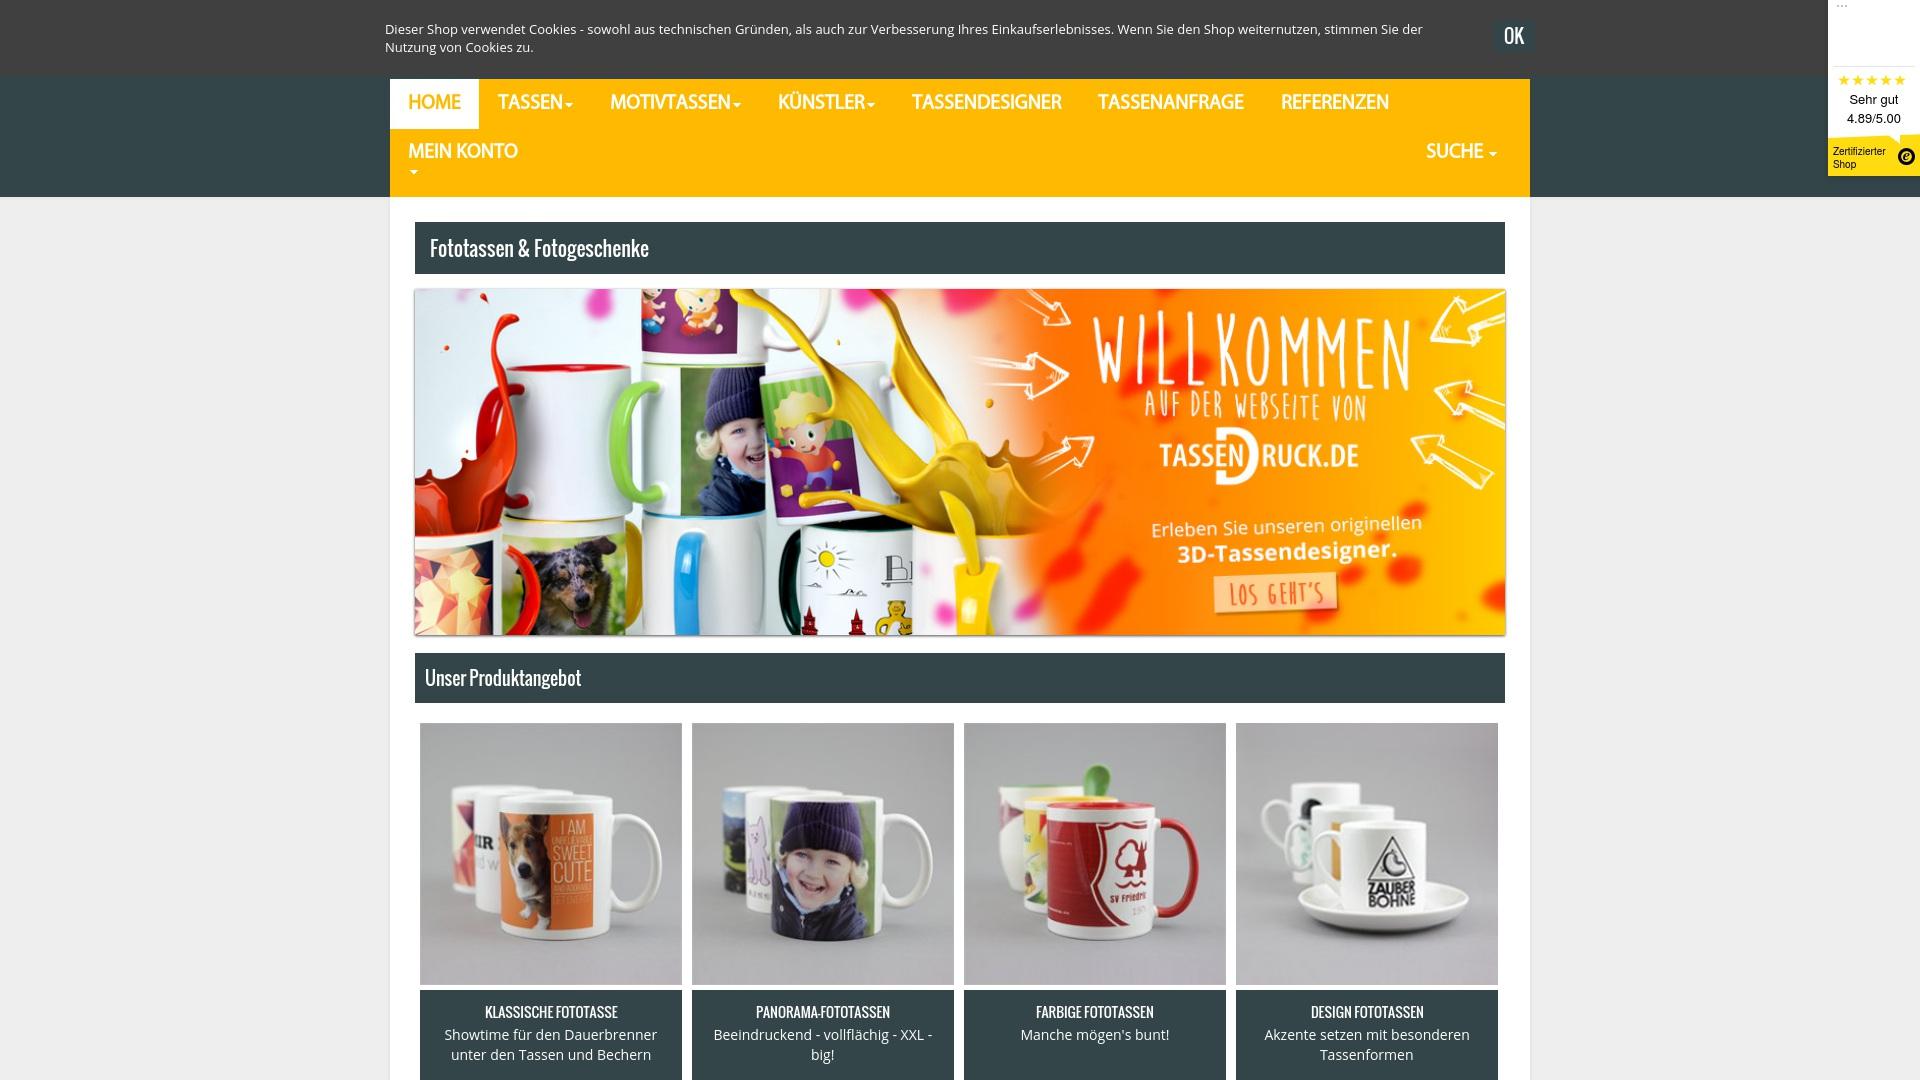 Gutschein für Tassendruck: Rabatte für  Tassendruck sichern